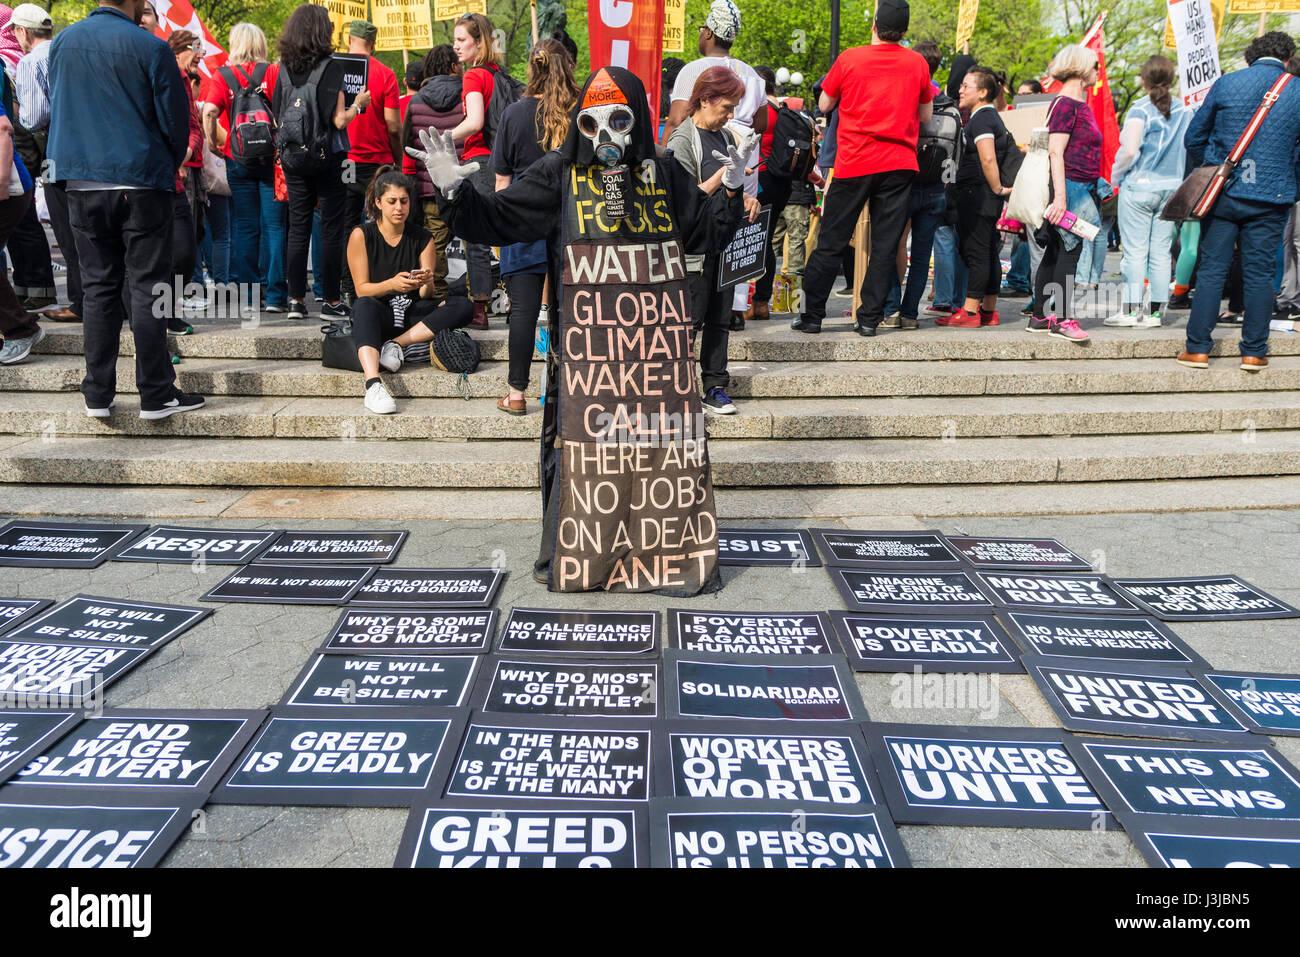 New York, NY, 1 maggio 2017 - Un tossico presagio di morte, Grim Reaper, si affaccia su varie richieste e problemi Immagini Stock